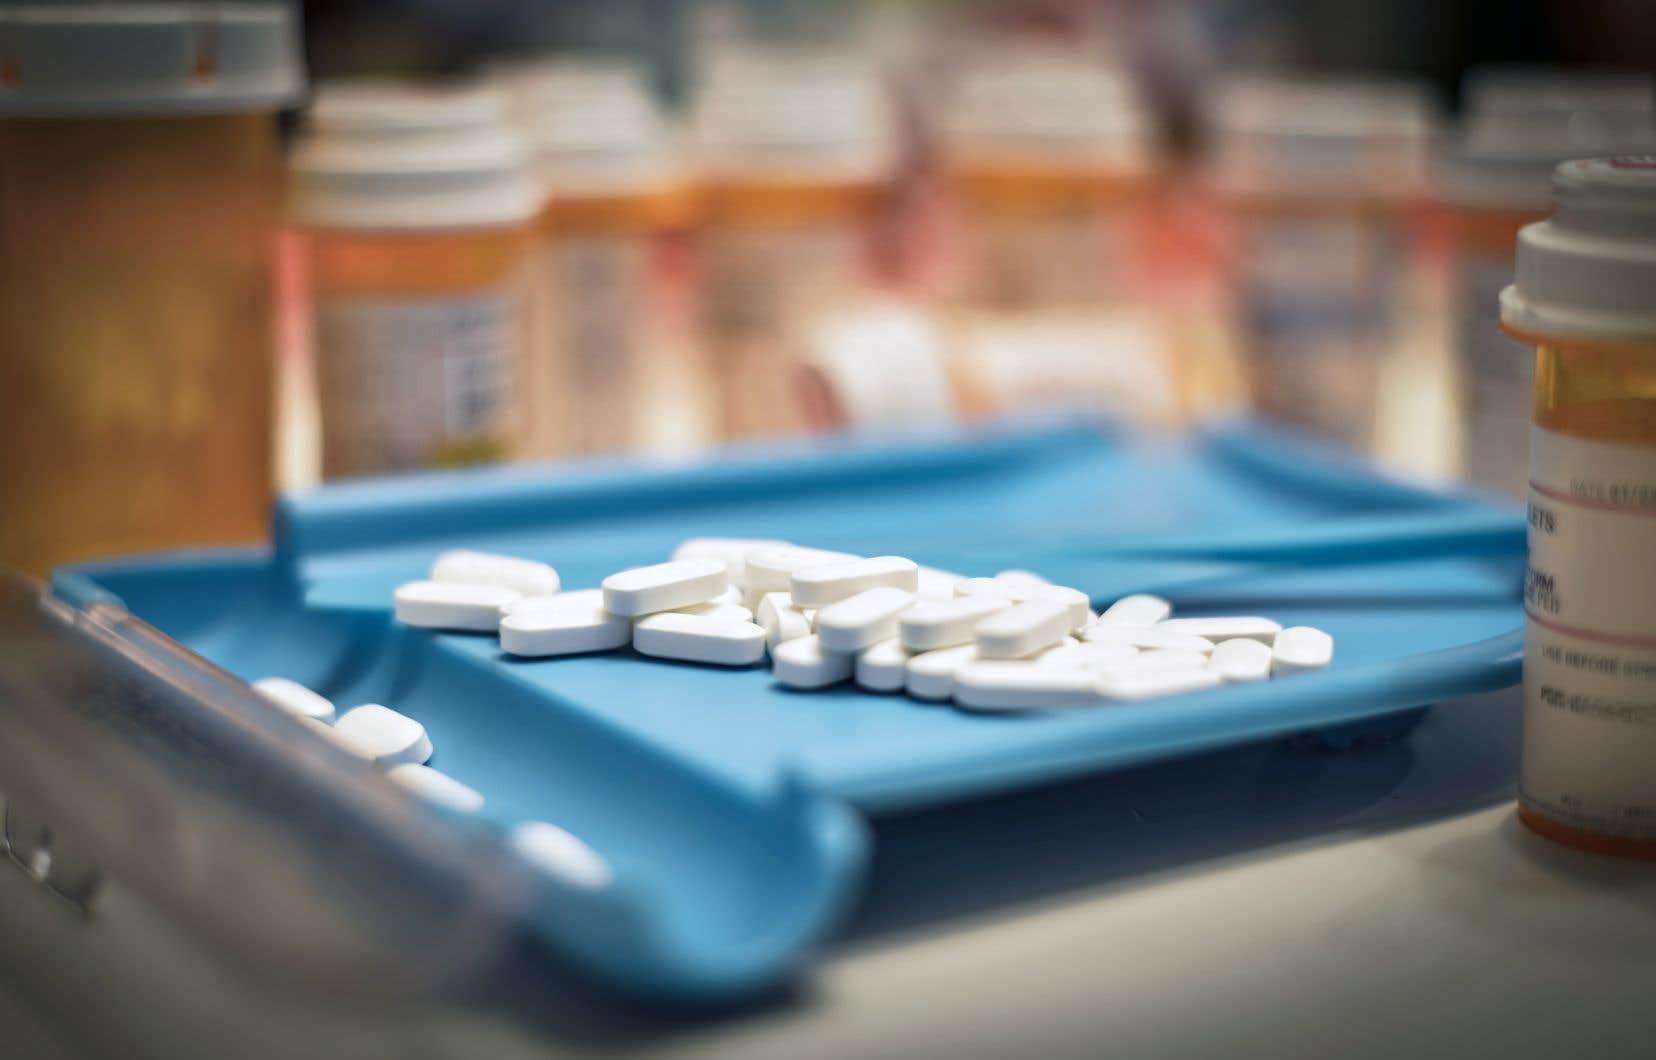 Le nombre de décès dus à la consommation d'opioïdes est en constante augmentation au pays.